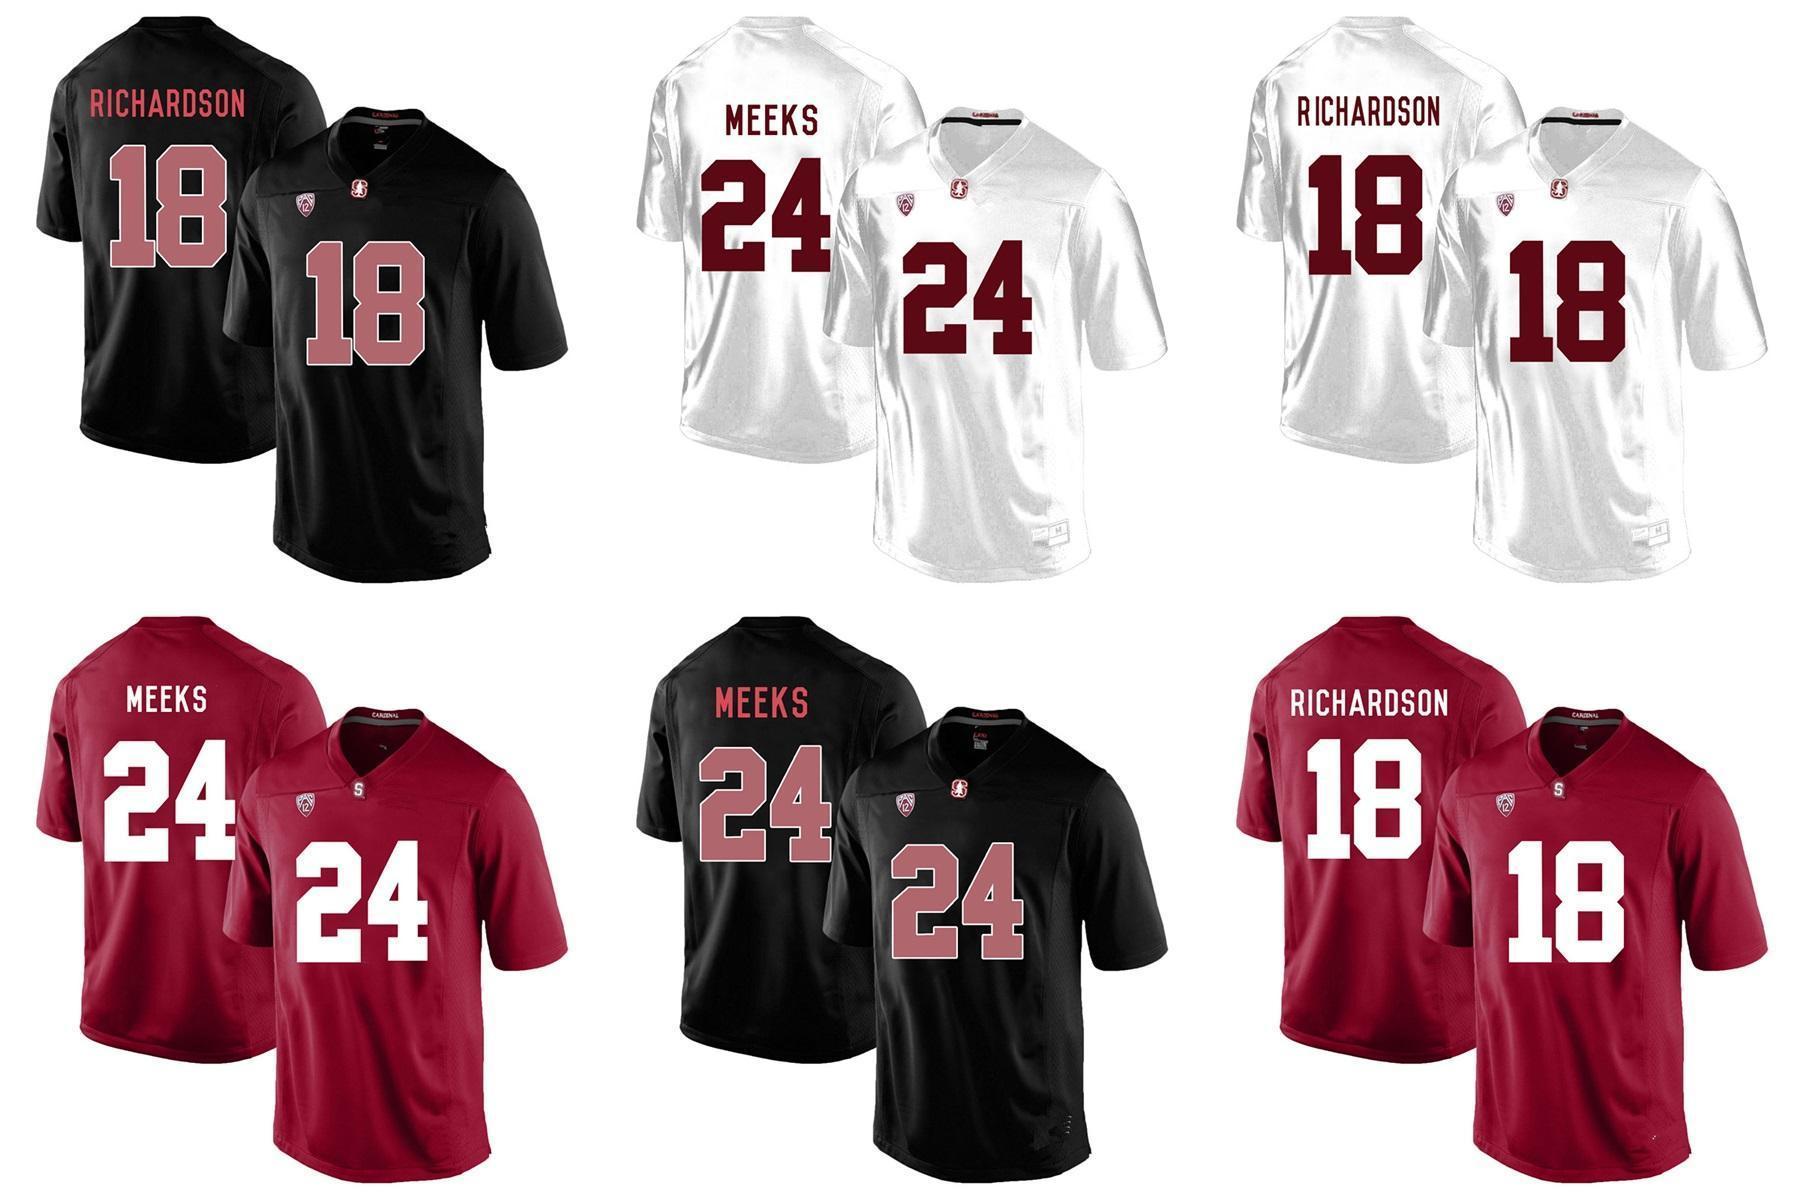 Stsnford 18 Fabbrica RICHARDSON Outlet- Nuova MEEKS 24 College Football Jersey ricamati formato S-3XXL, maglie ordine della miscela di gioco del calcio